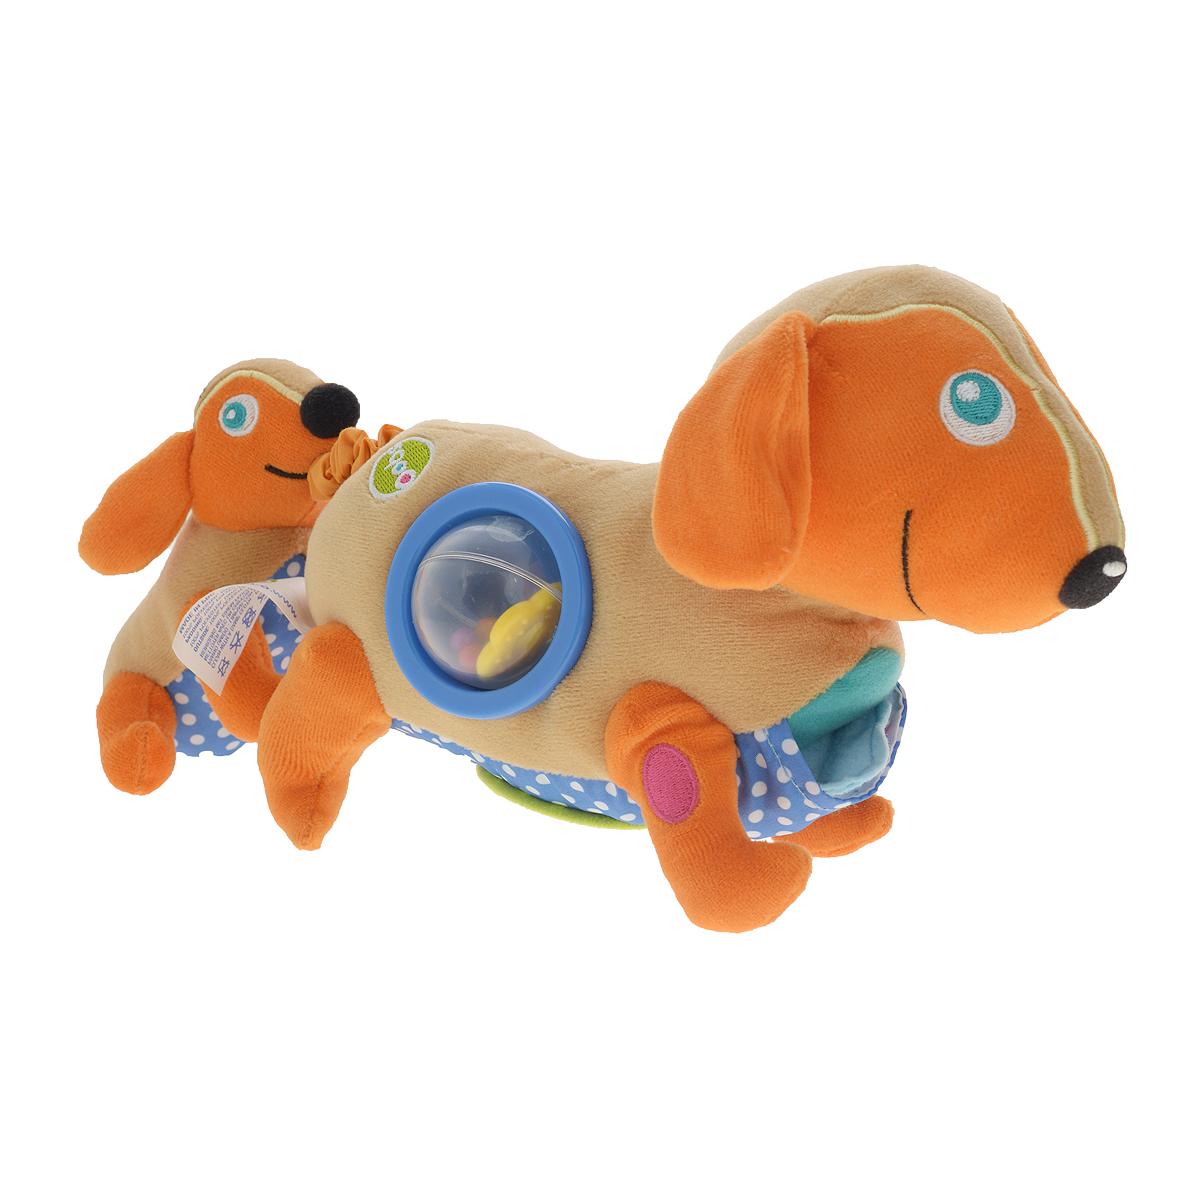 Игрушка развивающая OOPS СобакаO 11004.00Игрушка развивающая OOPS Собака изготовлена из разнофактурных высококачественных материалов, безопасных для детей маленького возраста. Игрушка представляет собой собачку-маму с маленьким детенышем. Если детеныша потянуть назад, то она опять притянется к собачке-маме, причем игрушка будет вибрировать. Спереди собачки-мамы расположен кармашек, в котором находятся два пришитых текстильных аксессуара, сбоку шарик-погремушка, а на дне расположена пластиковая вставка с зеркальной поверхностью. Детеныш оснащен пищалкой. Игрушка мягкая, ее приятно сжимать и трогать. Нежная на ощупь поверхность и новые приятные цвета развивают органы чувств вашего малыша. Развивающая игрушка OOPS Собака способствует развитию мелкой моторики и зрительно-цветовому восприятию. Такая игрушка обязательно понравится вашему ребенку.